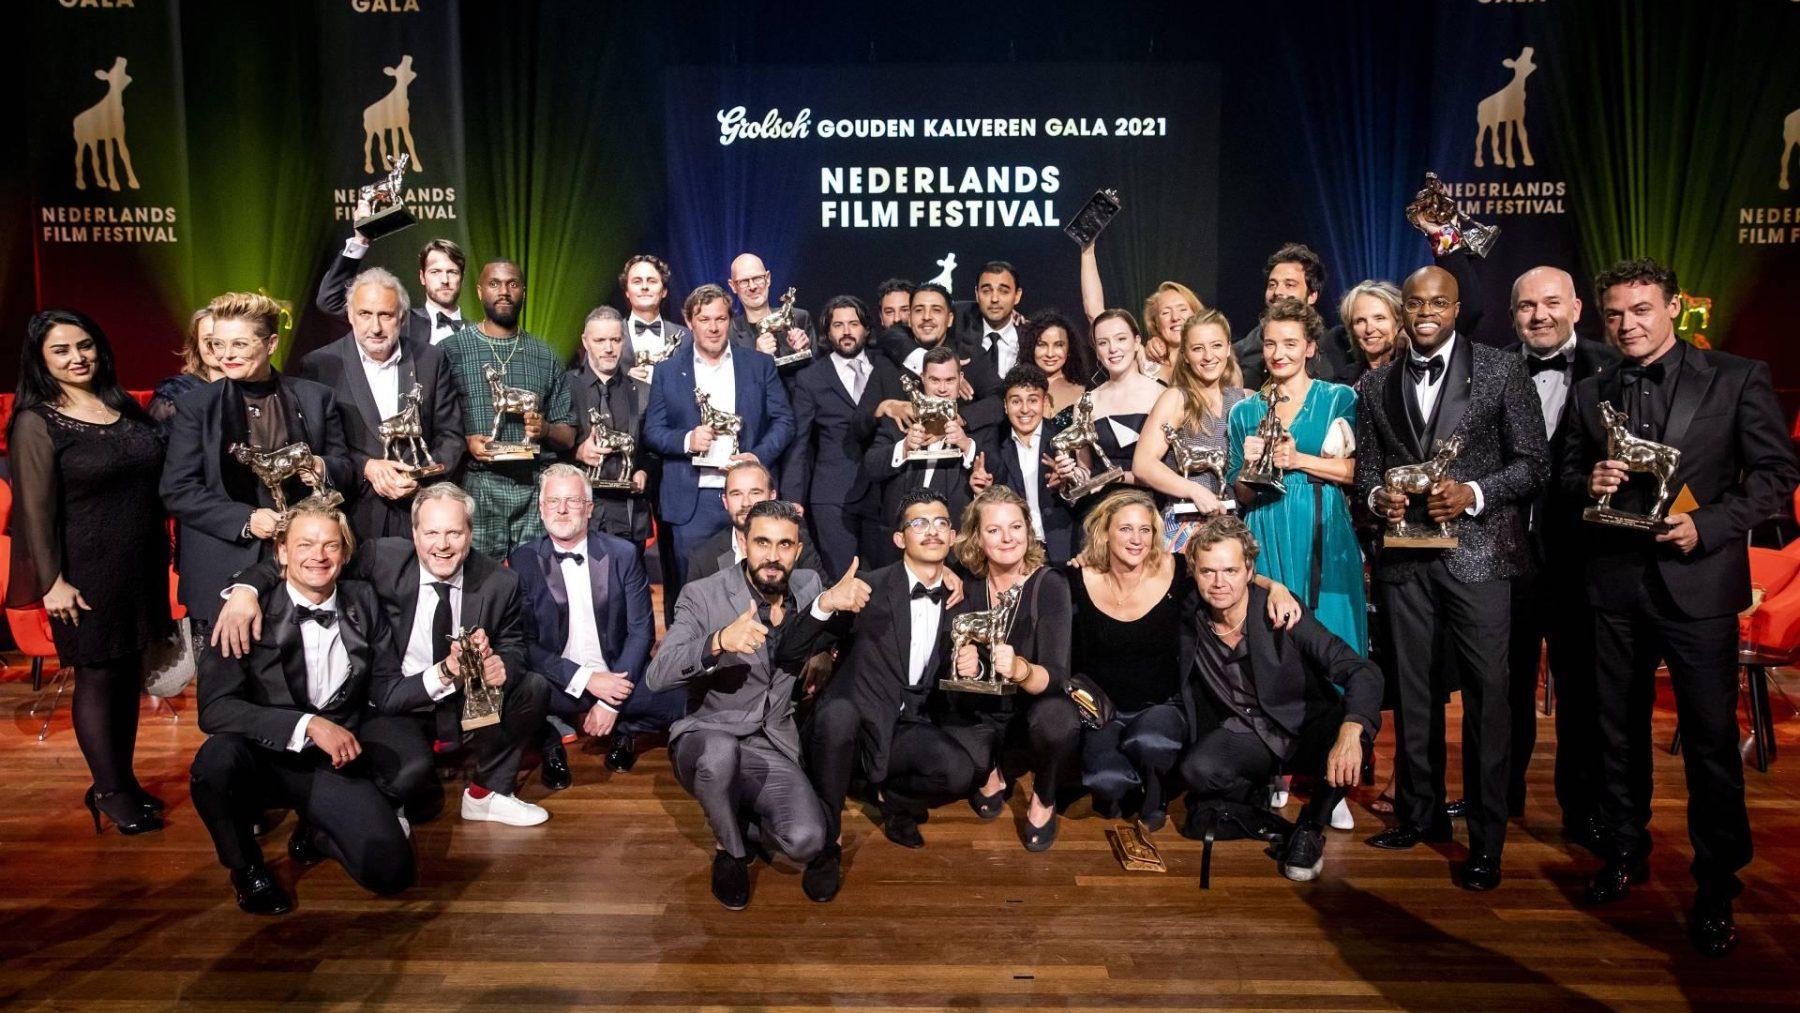 Onvrede over gebrek aan vrouwen onder winnaars Gouden Kalveren